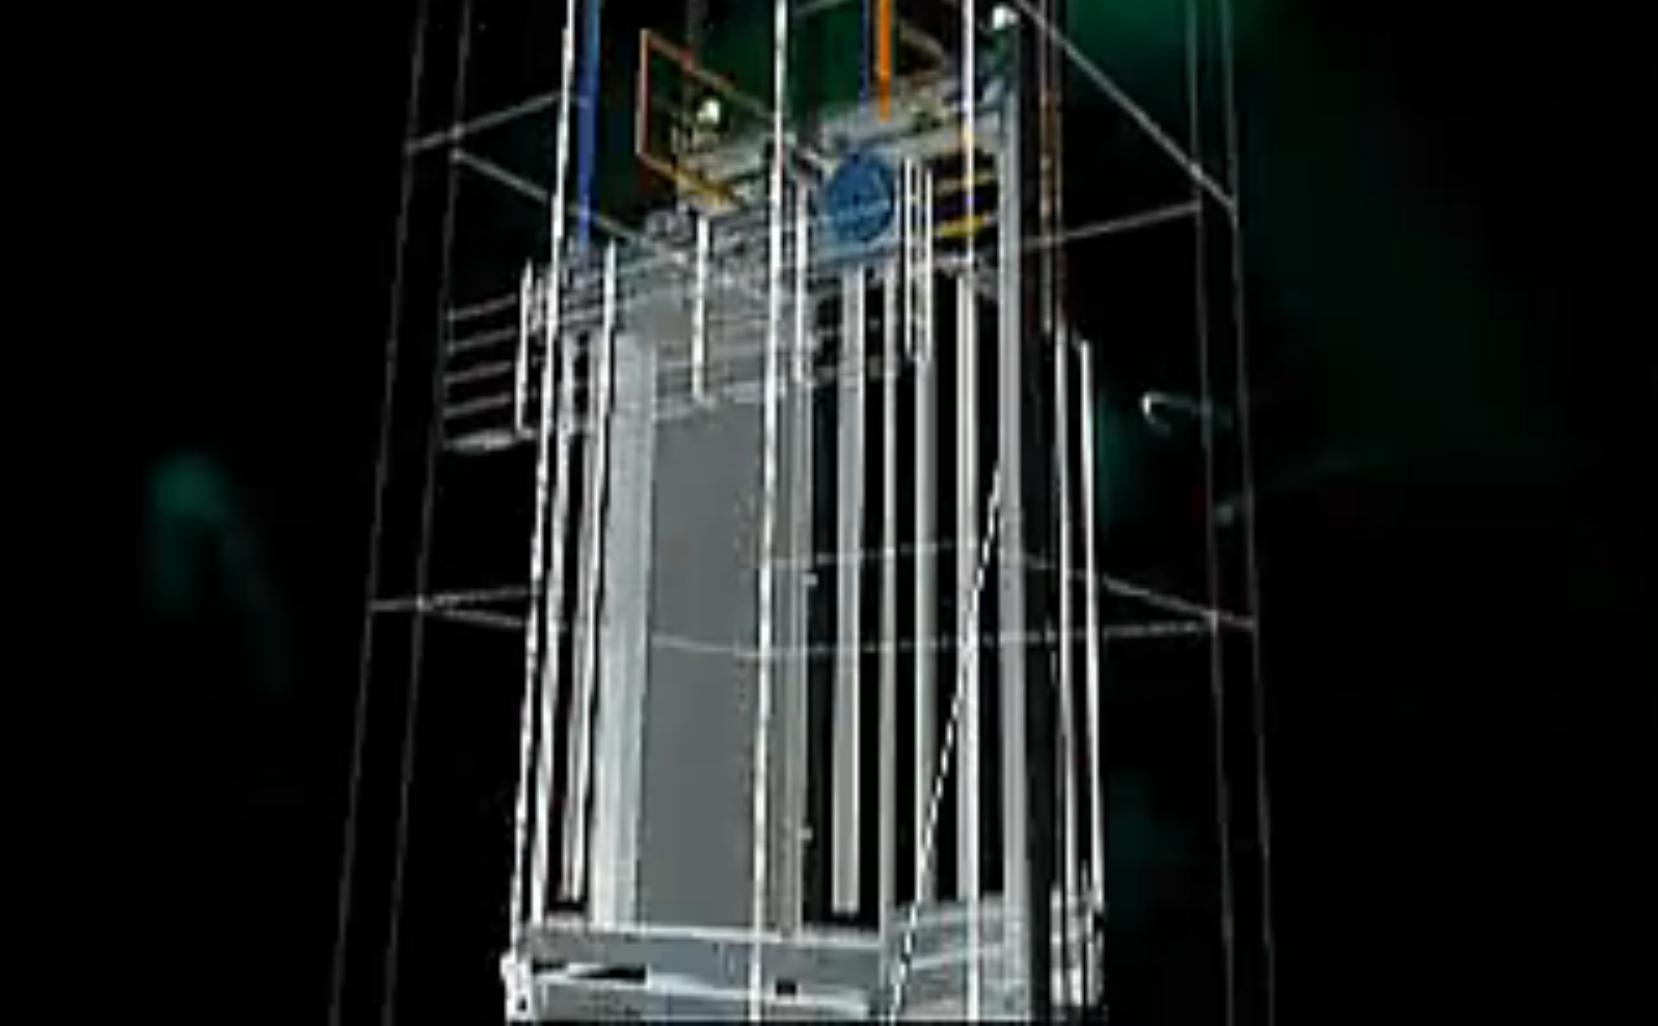 三维机械产品动画制作:电梯杜绝事故频发